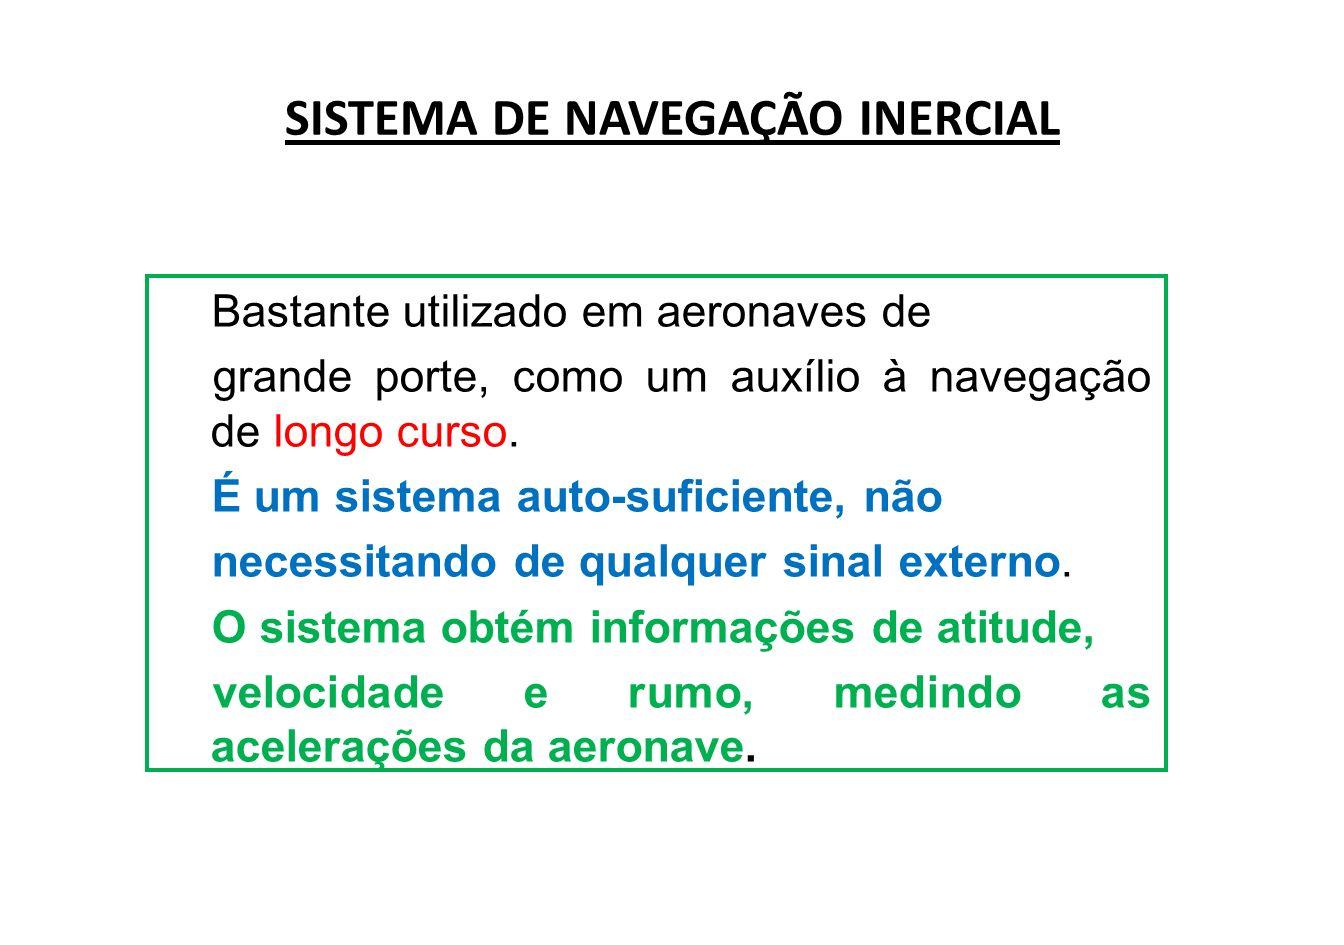 SISTEMA DE NAVEGAÇÃO INERCIAL